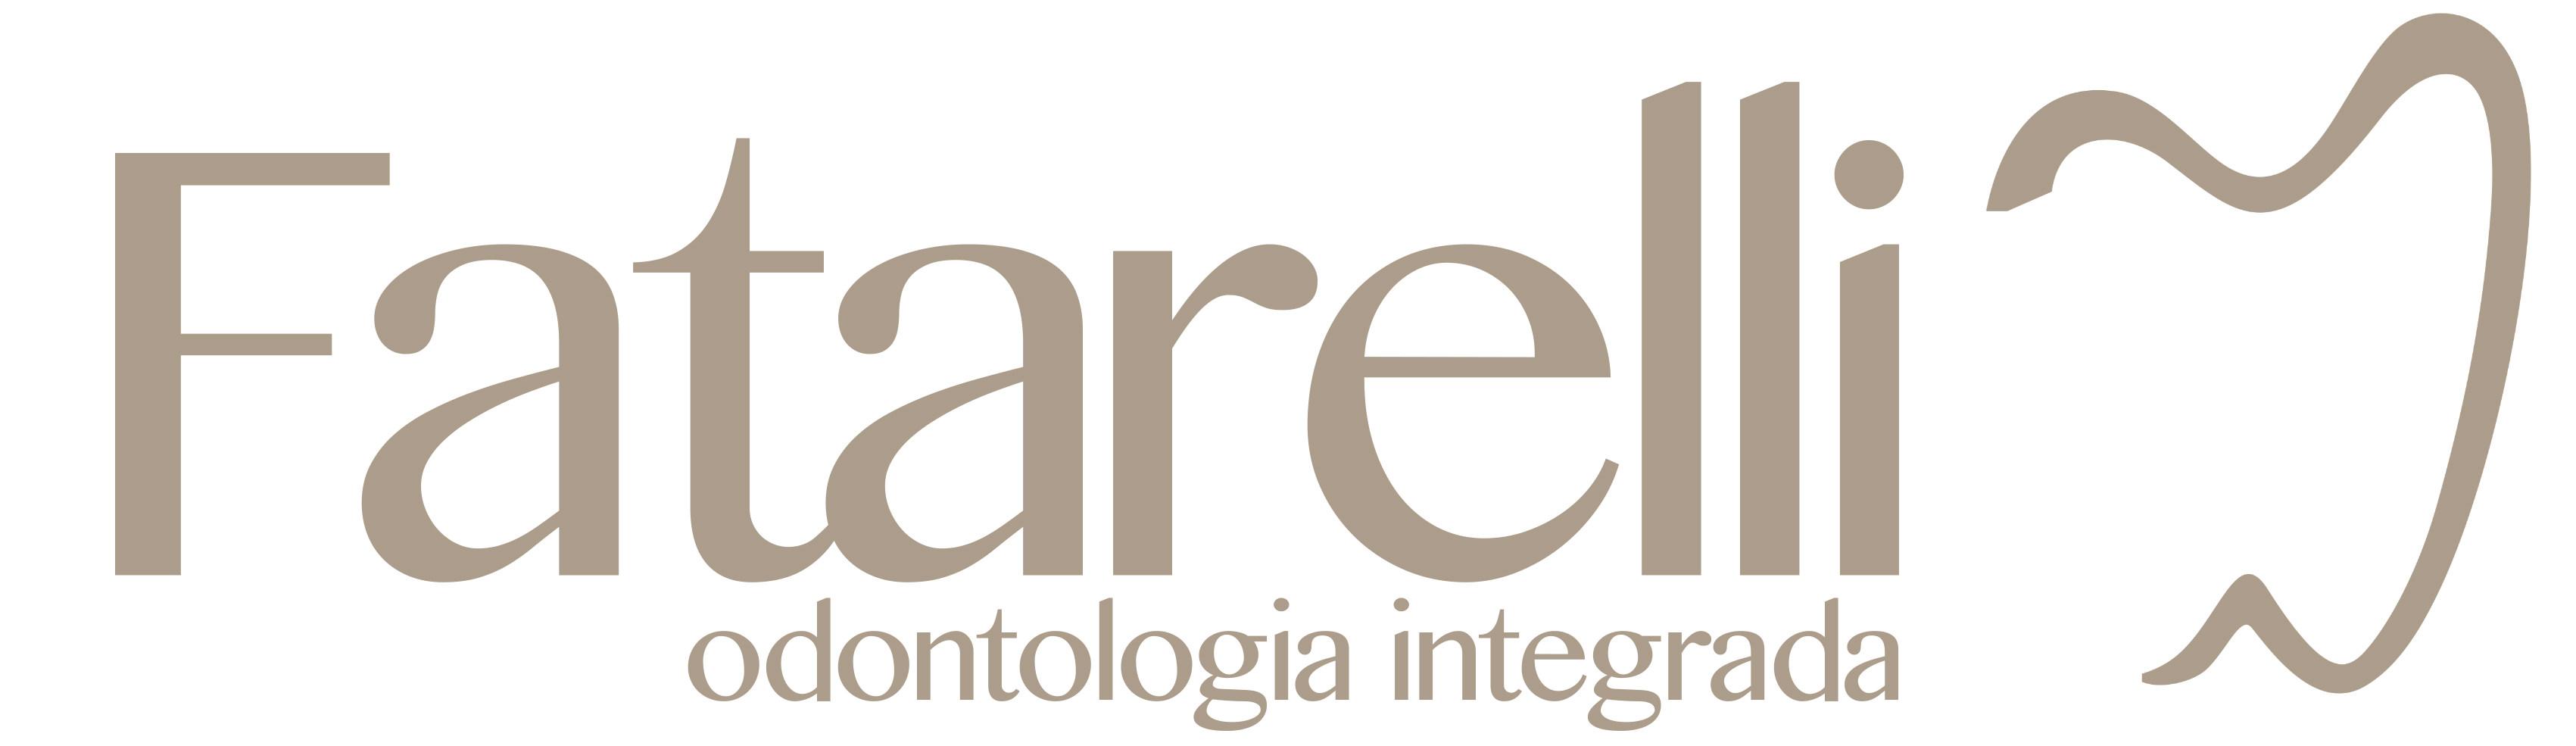 Clínica Fatarelli Odontologia Integrada | Dentistas no Jardins